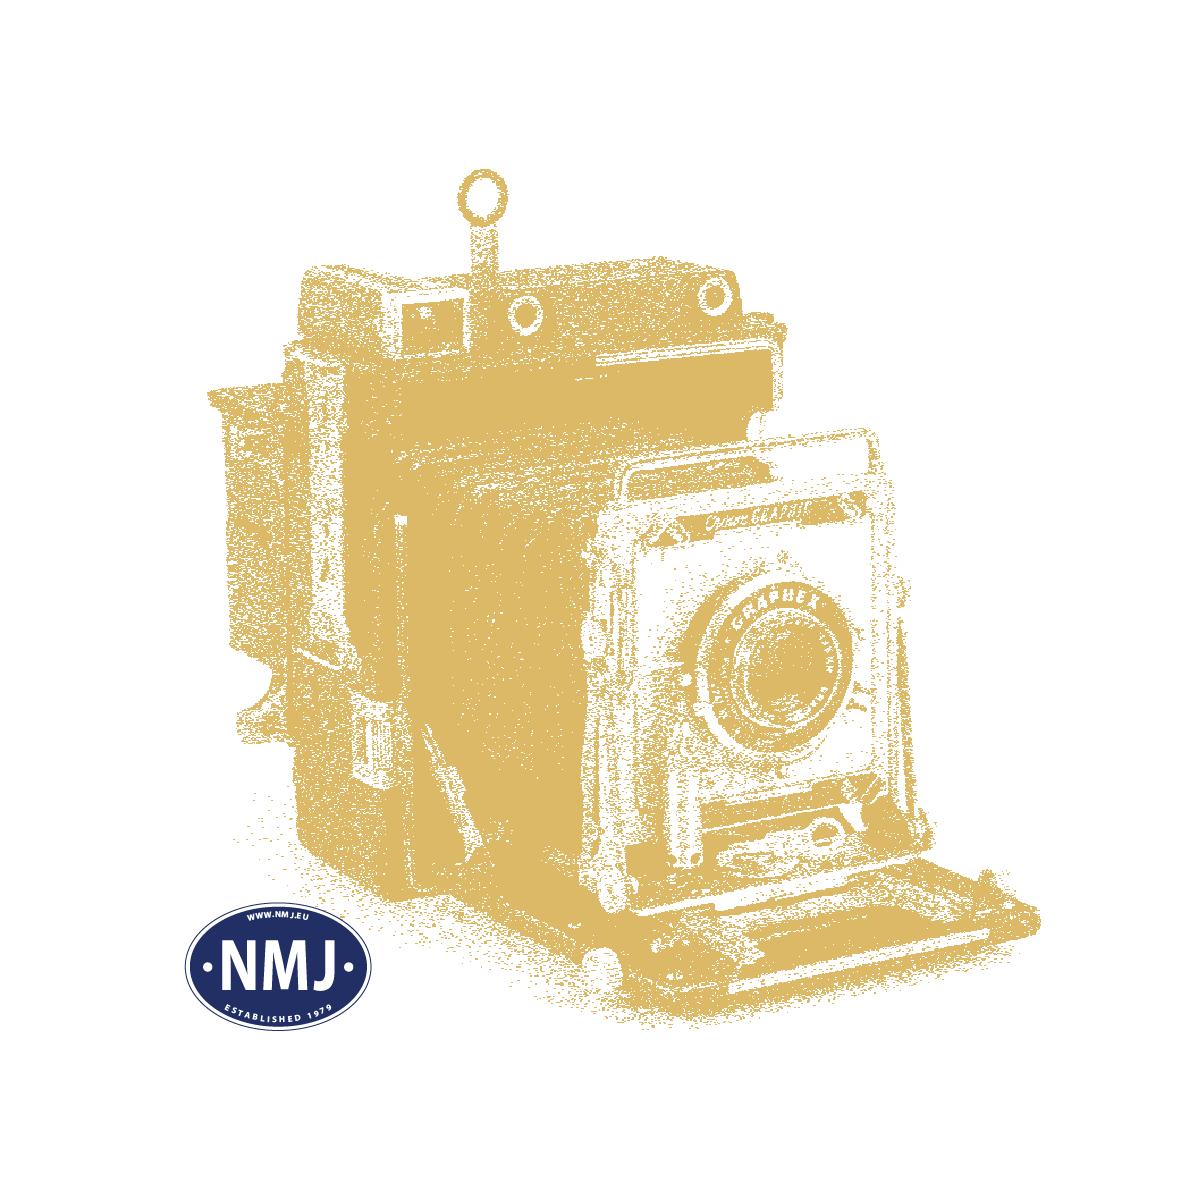 NMJT70005 - NMJ Topline SJ Mas Malmvognsett #2, Svensk Type